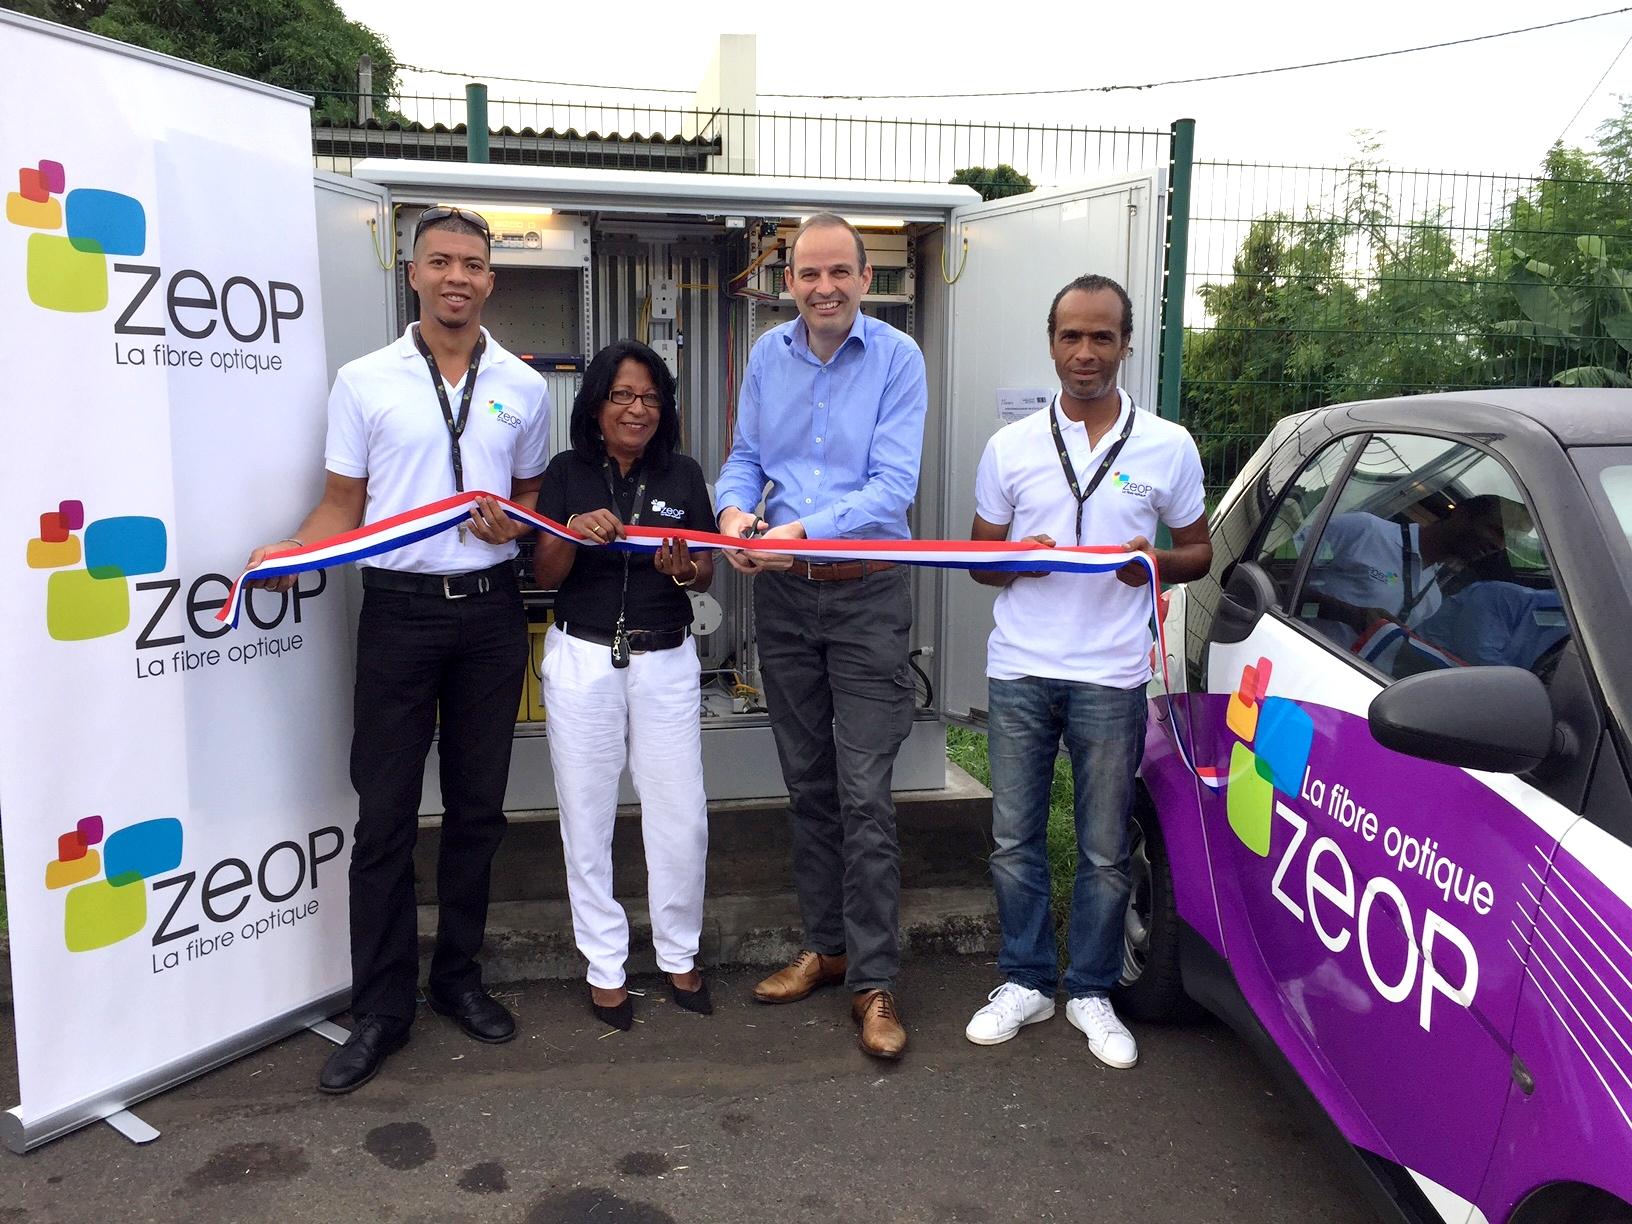 ZEOP déploie la fibre optique à l'Étang-Salé